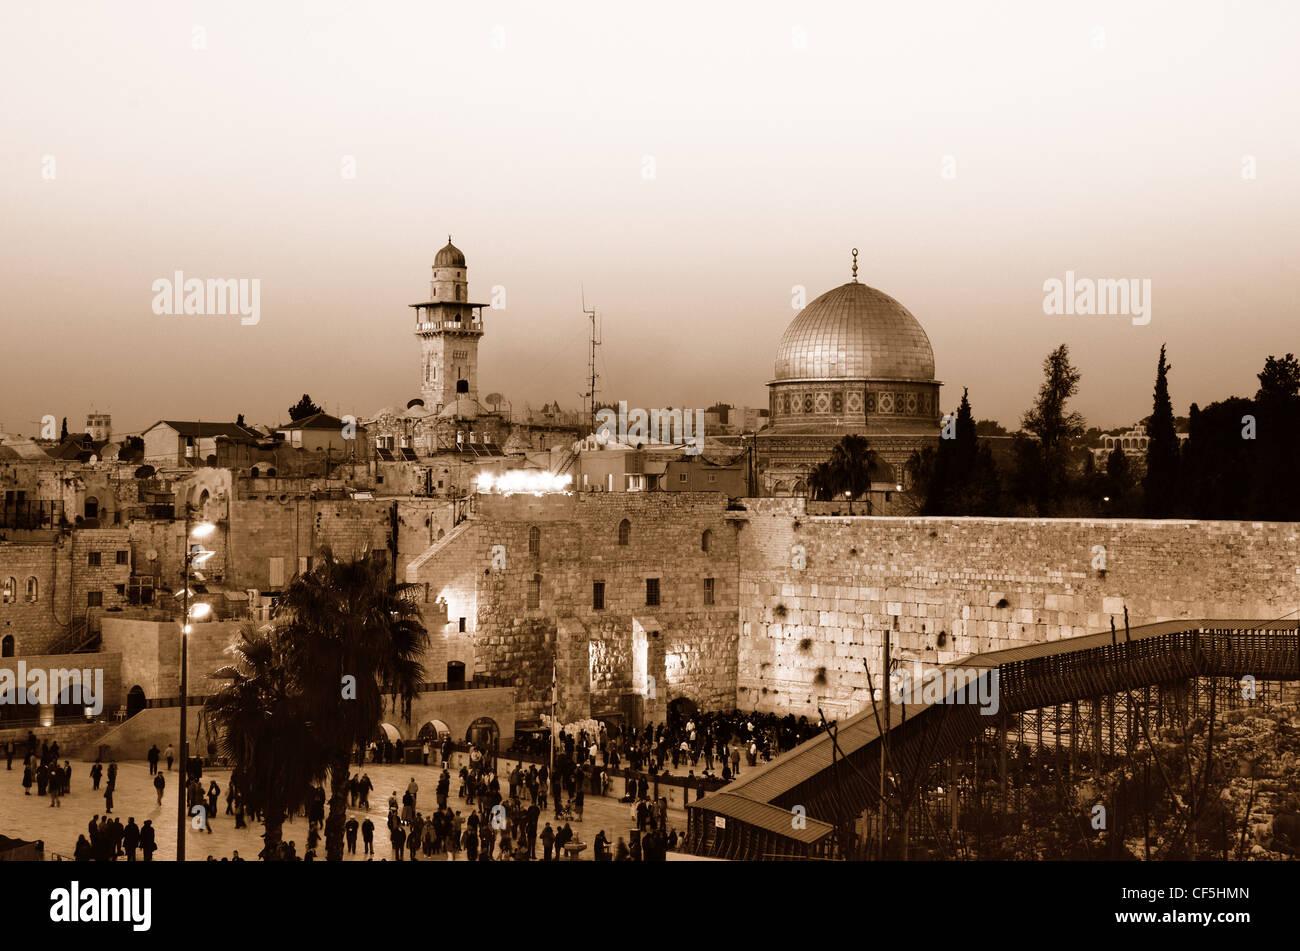 Vue sur le mur des lamentations et le dôme du Rocher, dans la vieille ville de Jérusalem, Israël. Photo Stock